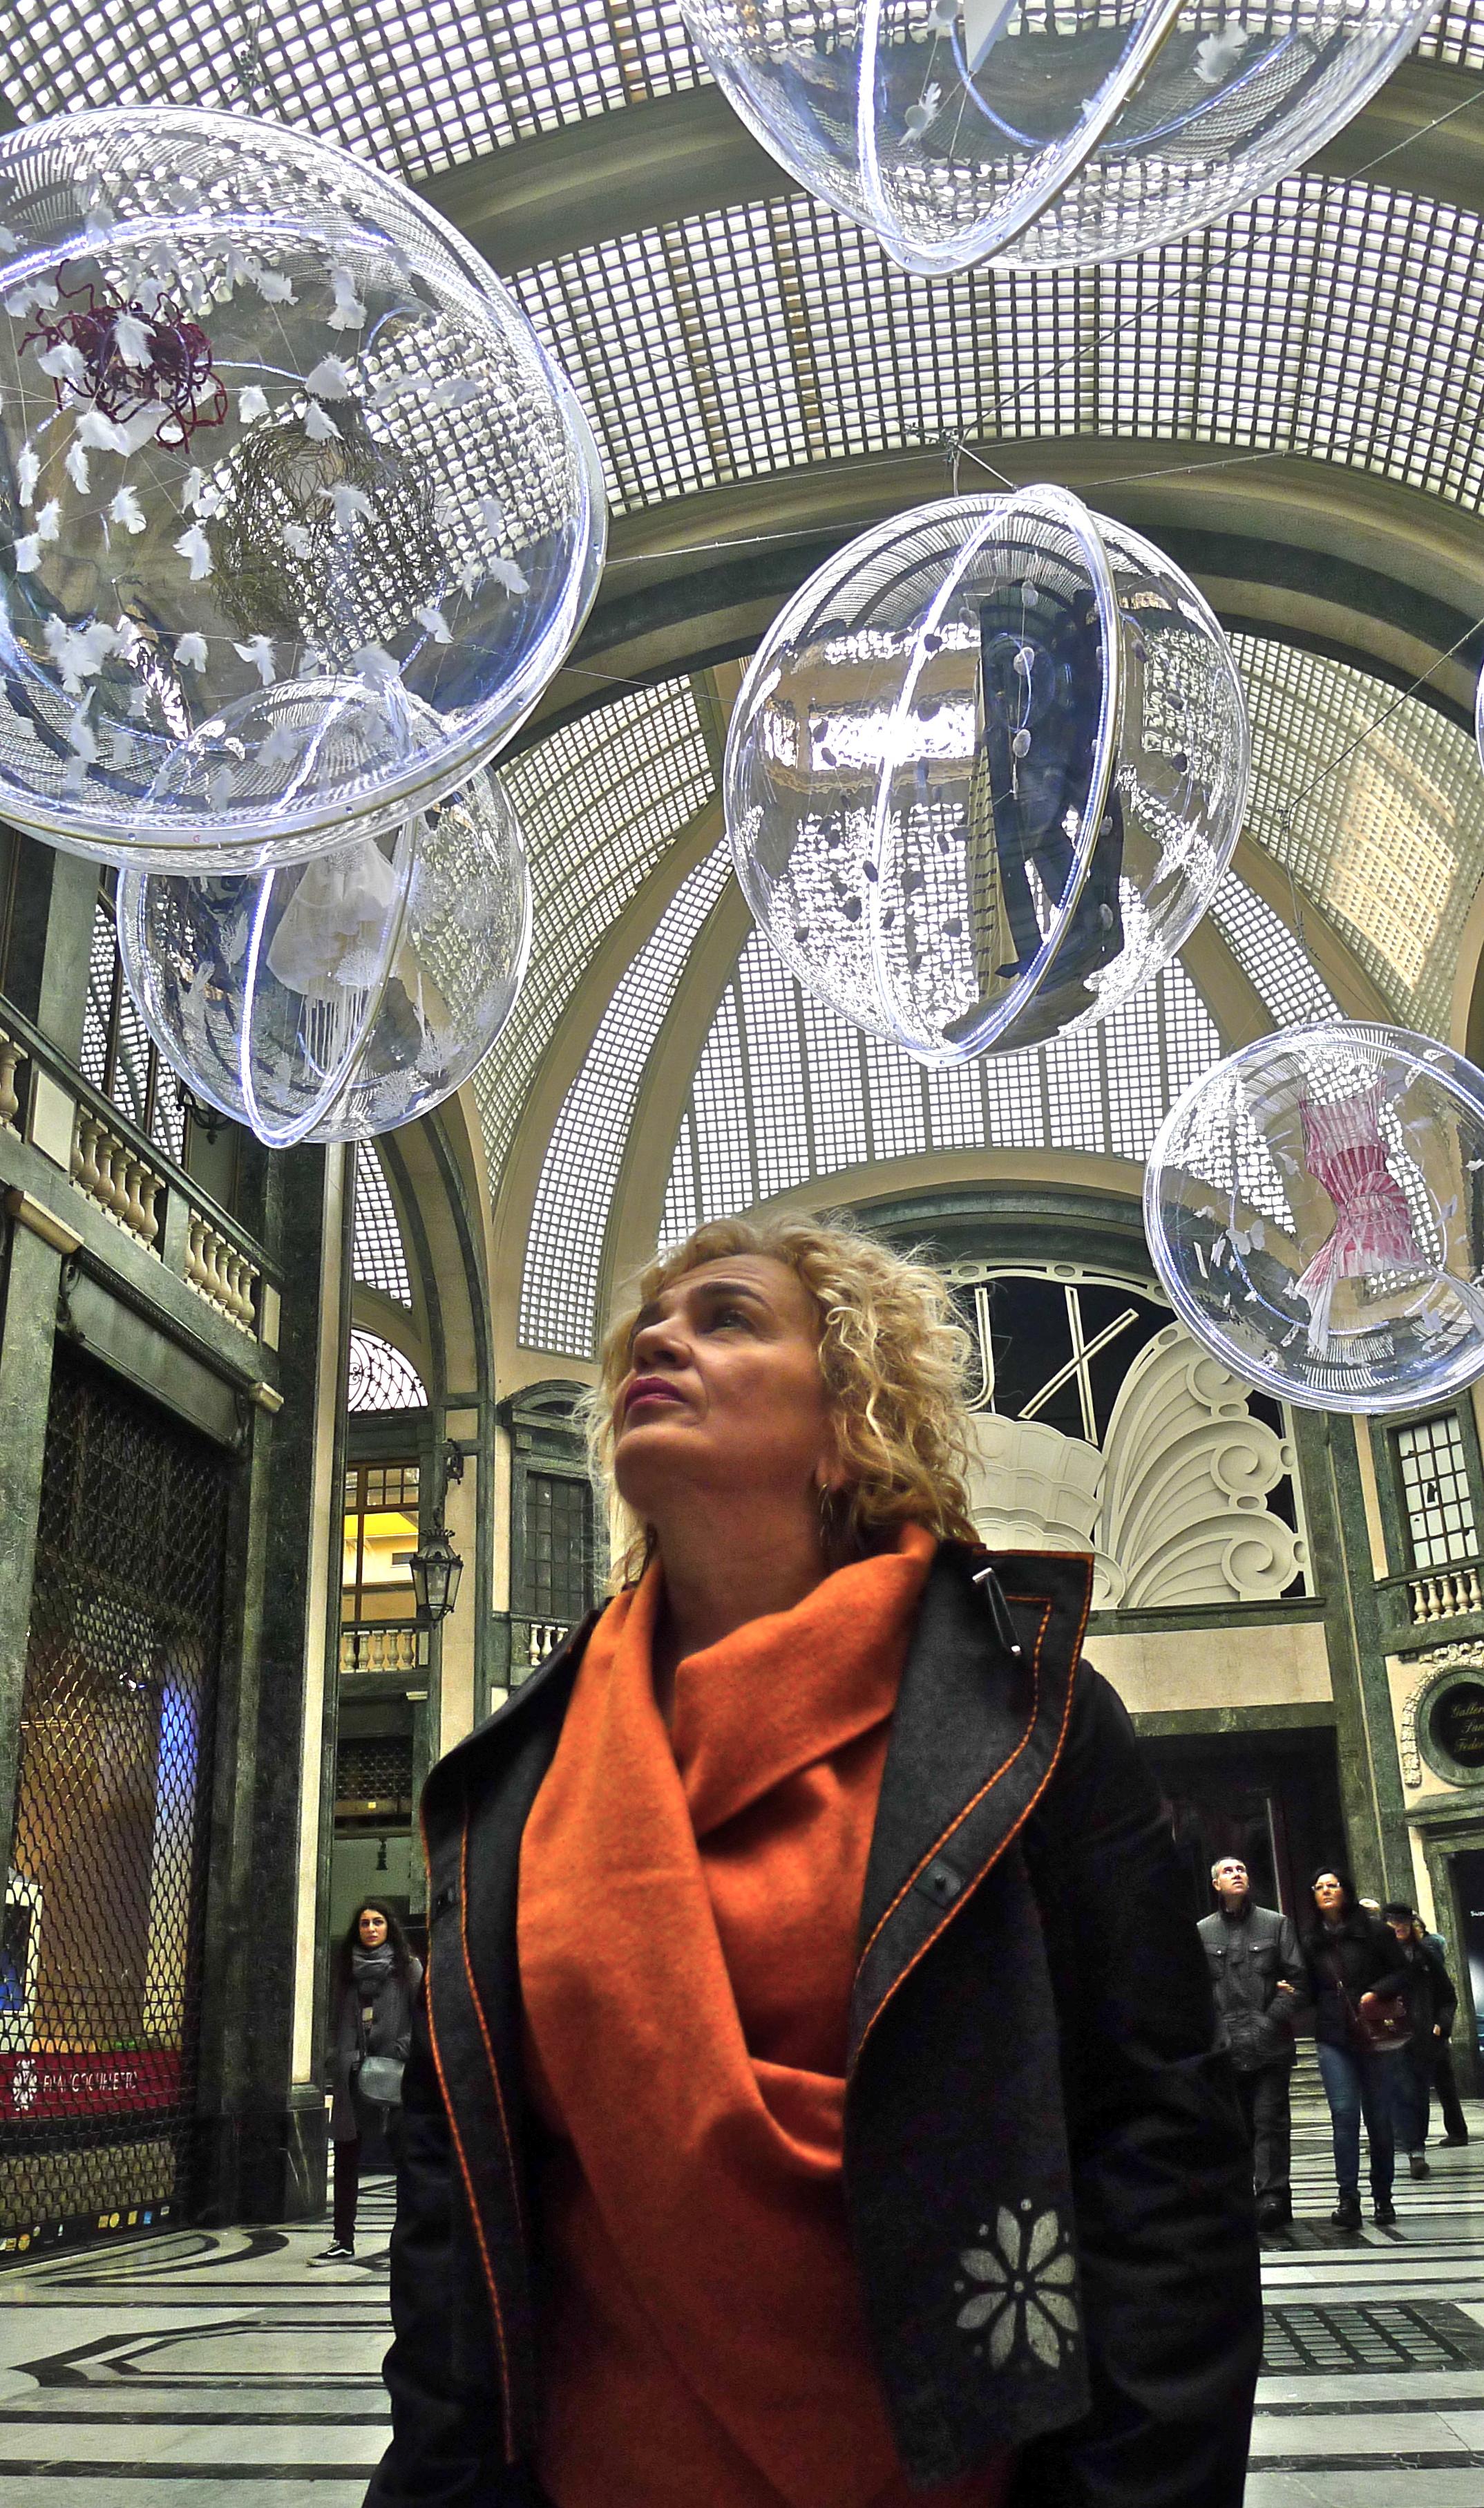 Instalación con bolas gigantes de plexiglas Marisa Coppiano Torino